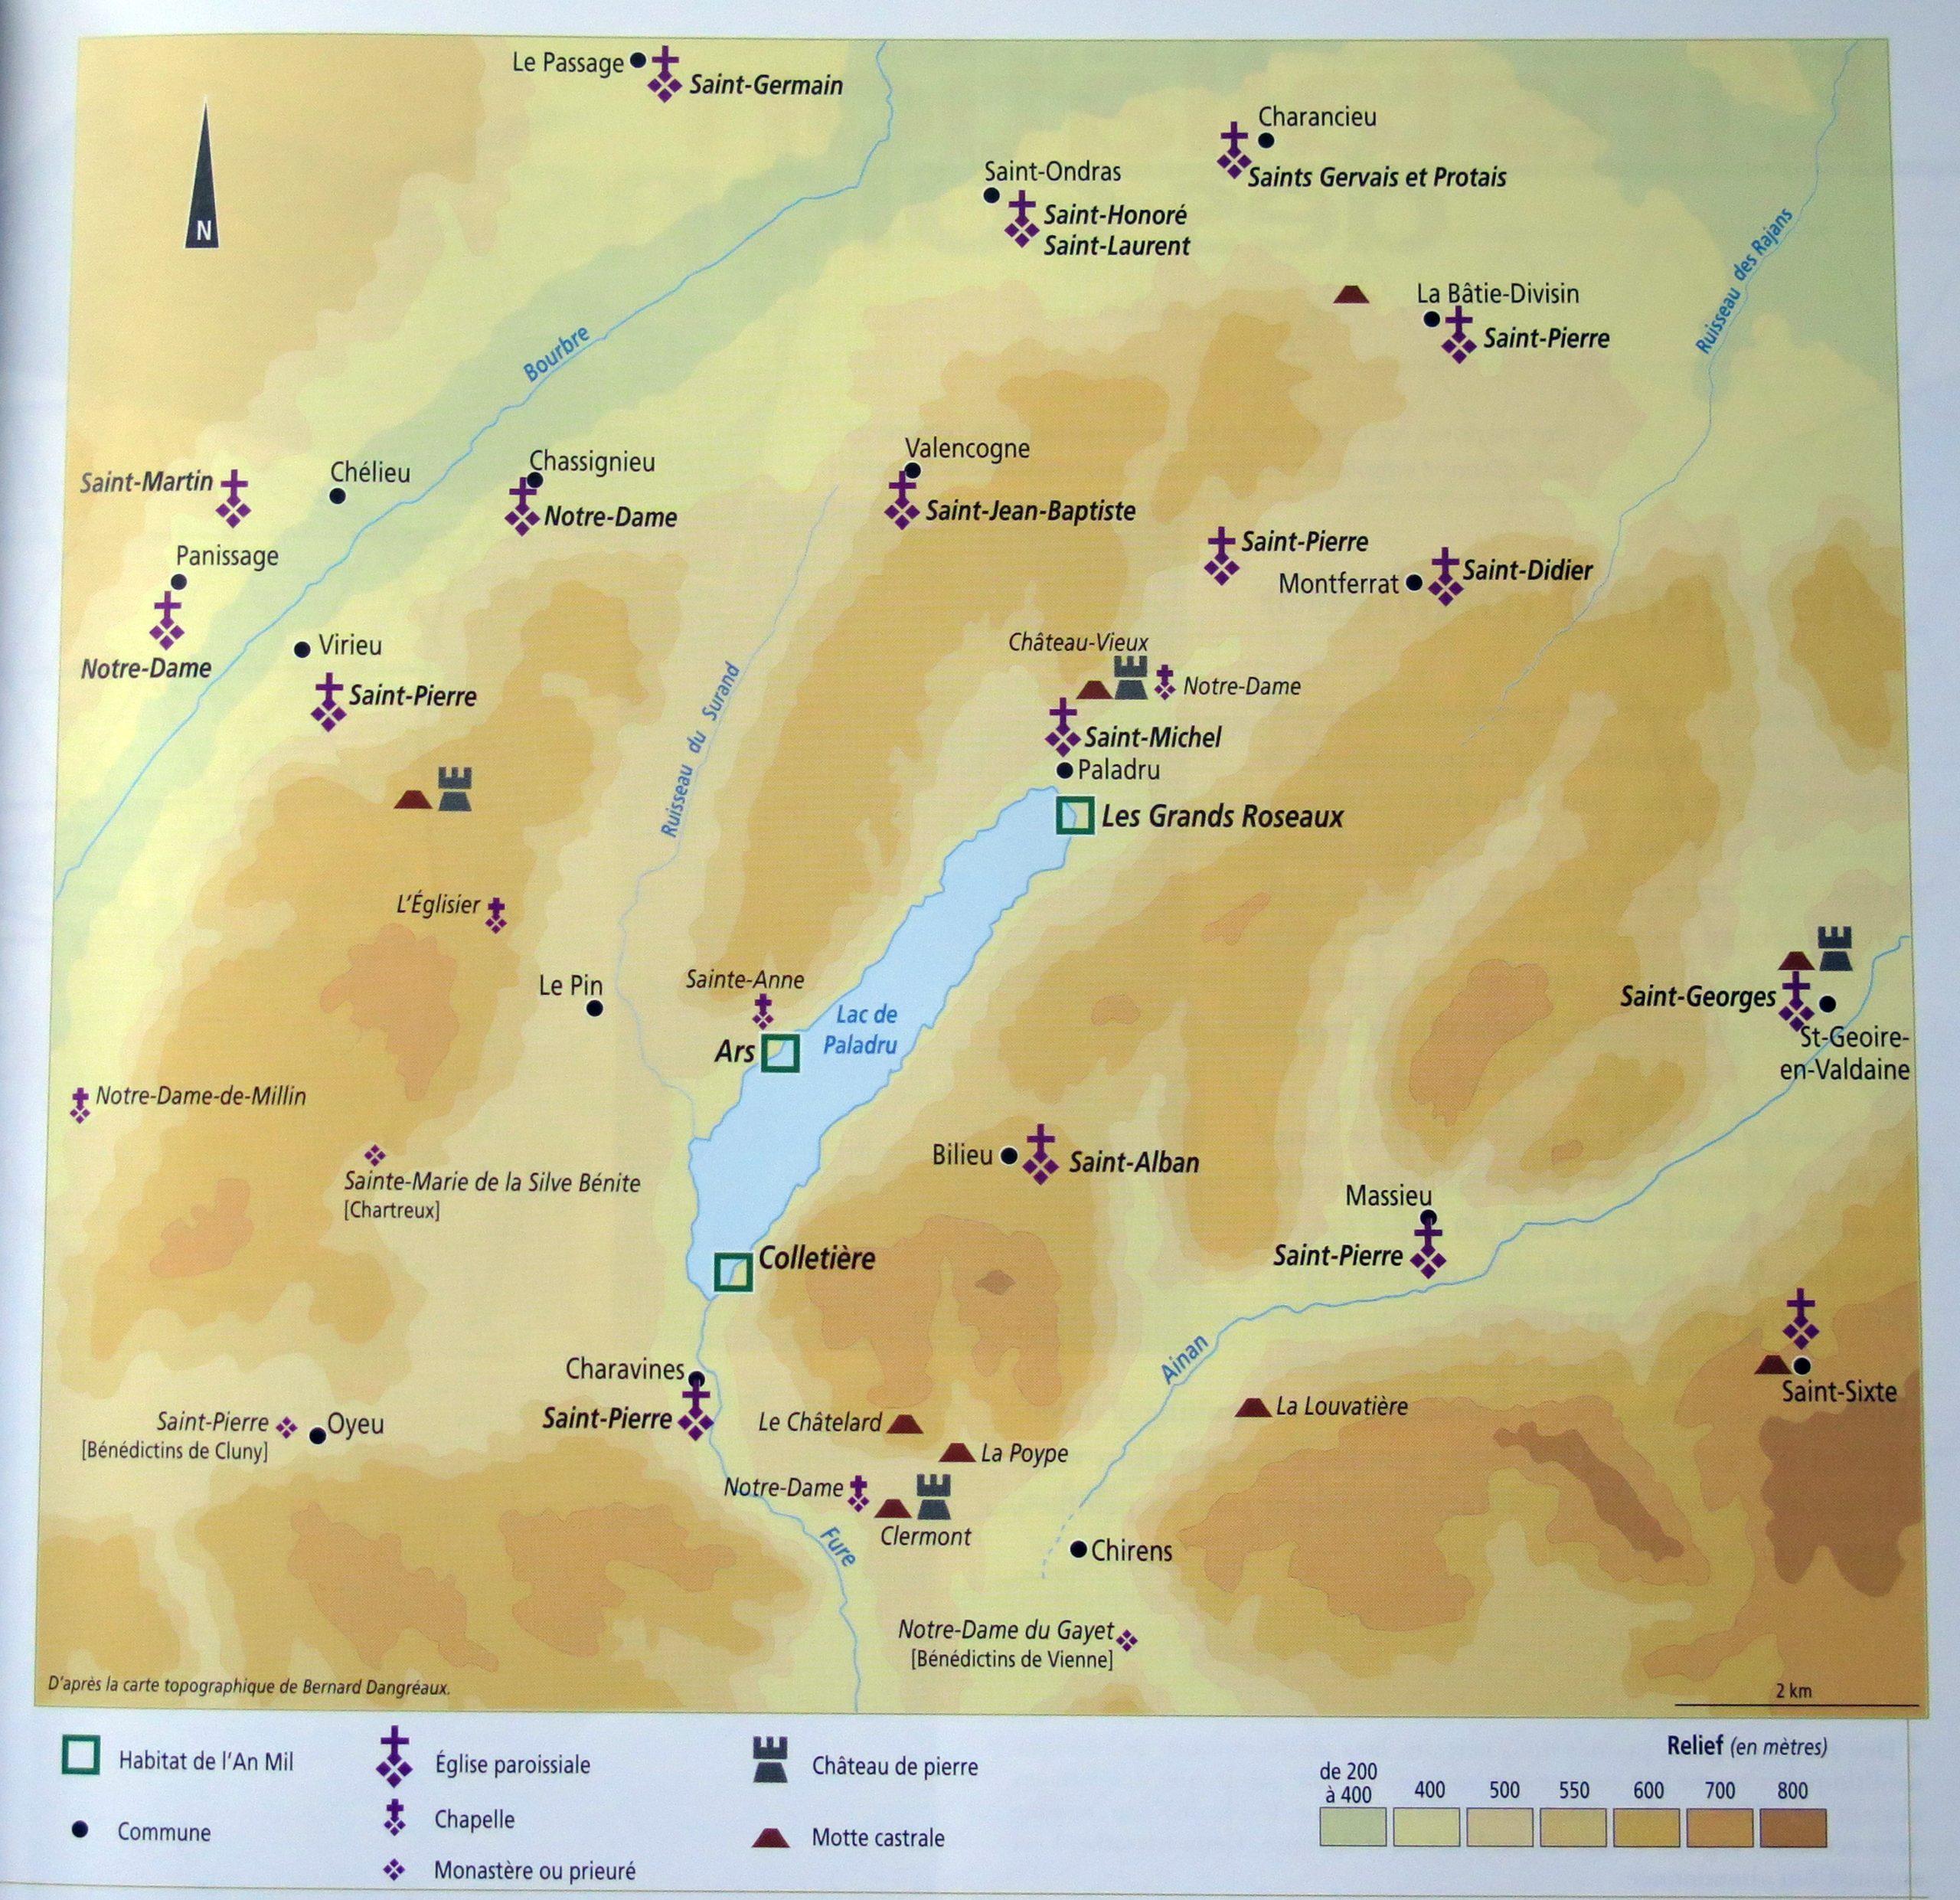 Cartes des sites du XIème au XIIIème siècle autour du lac de Paladru (PEMF)